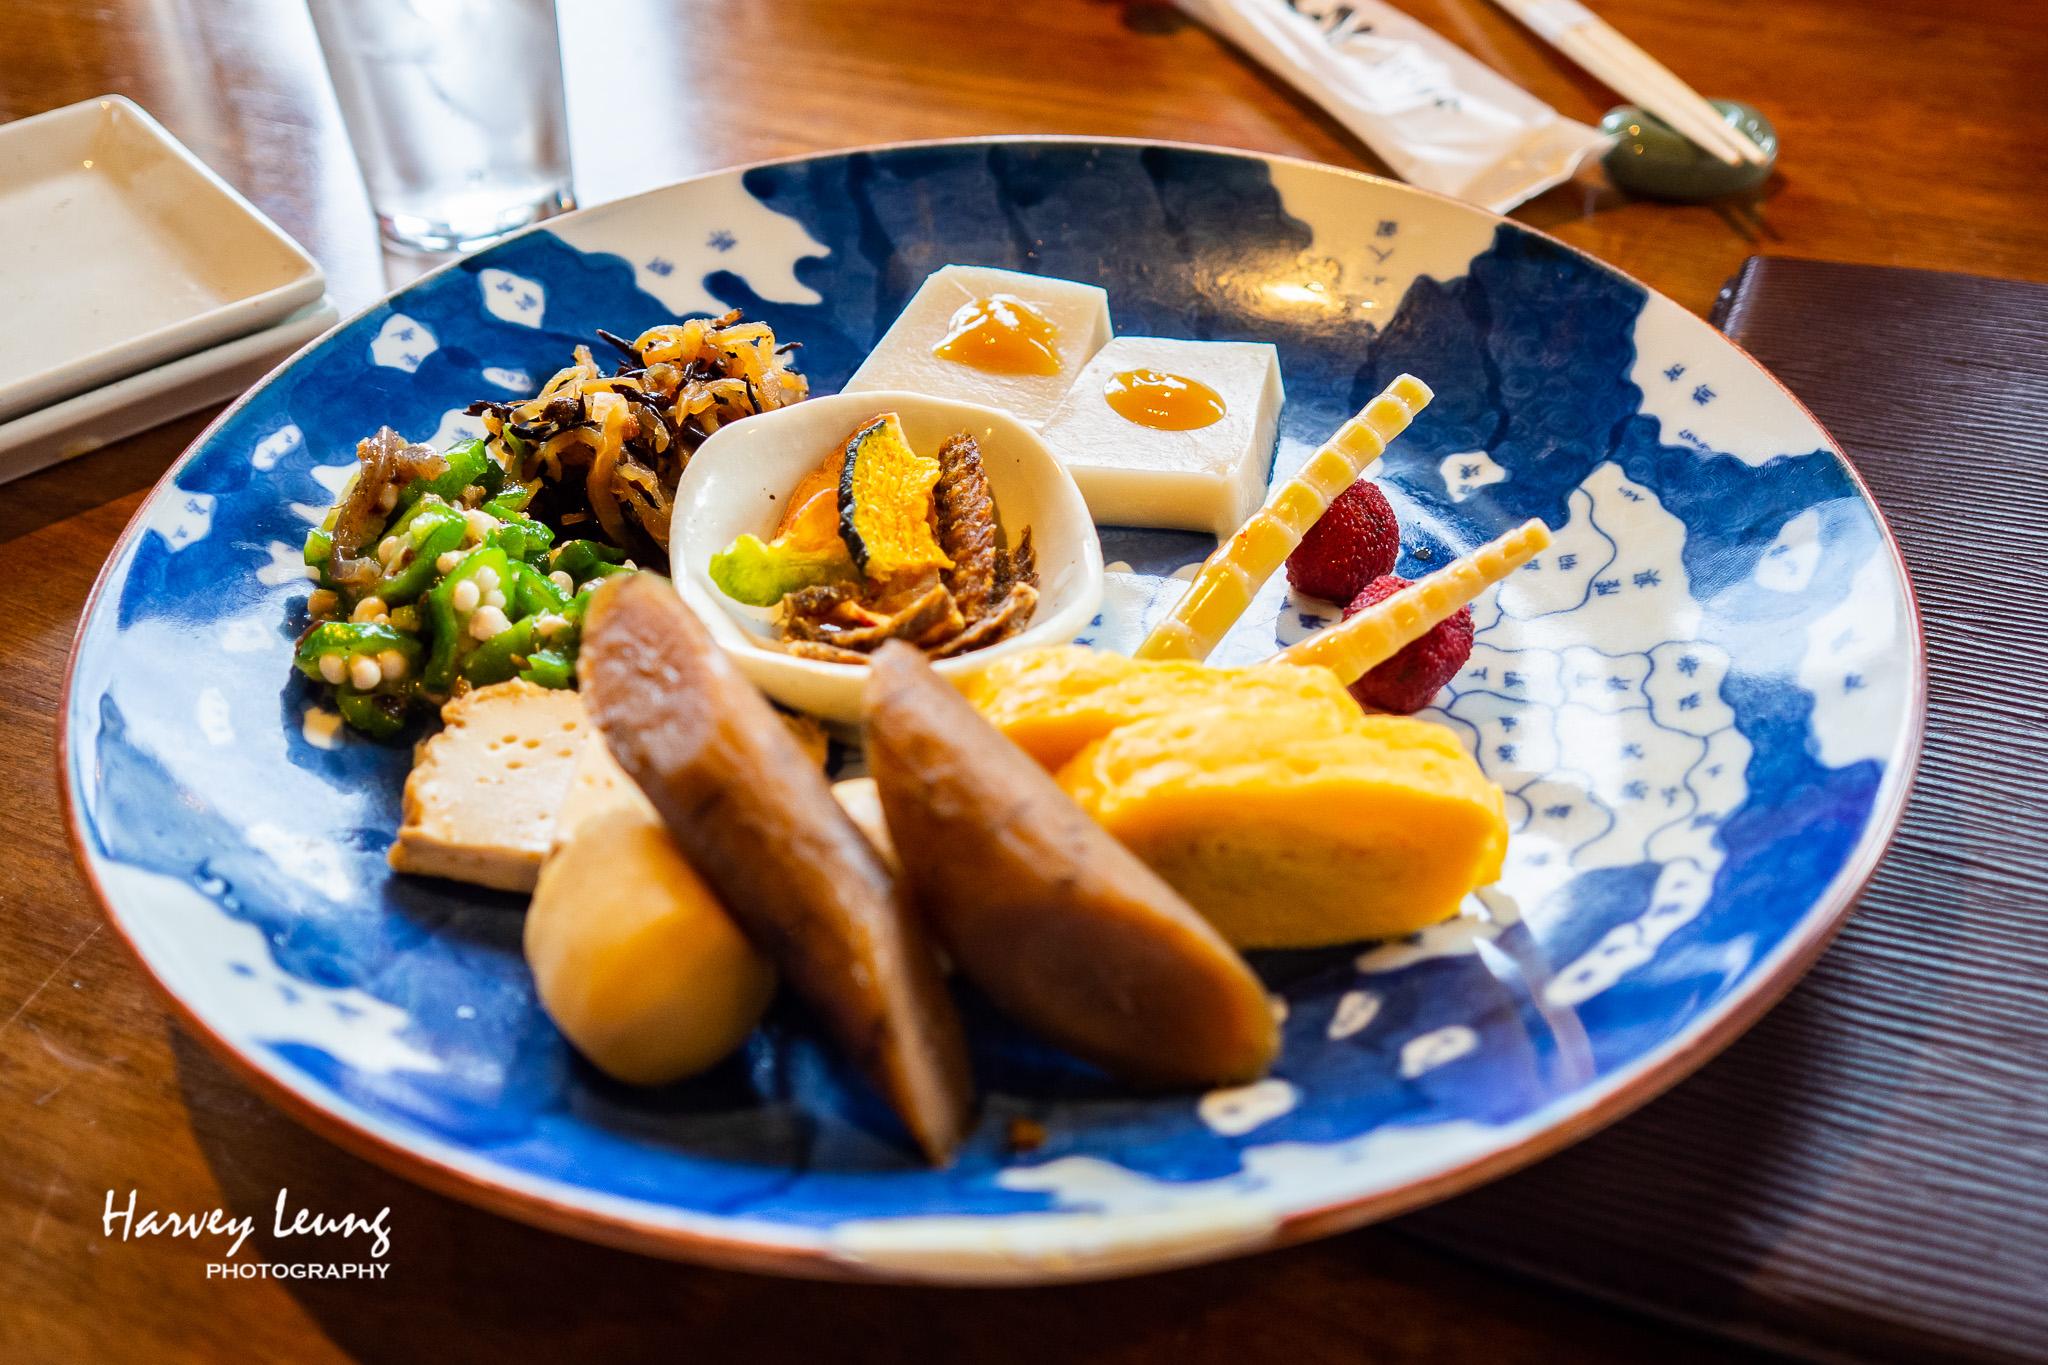 套餐附送嘅前菜 (まぶし・前菜・漬物・薬味・赤出し汁 )